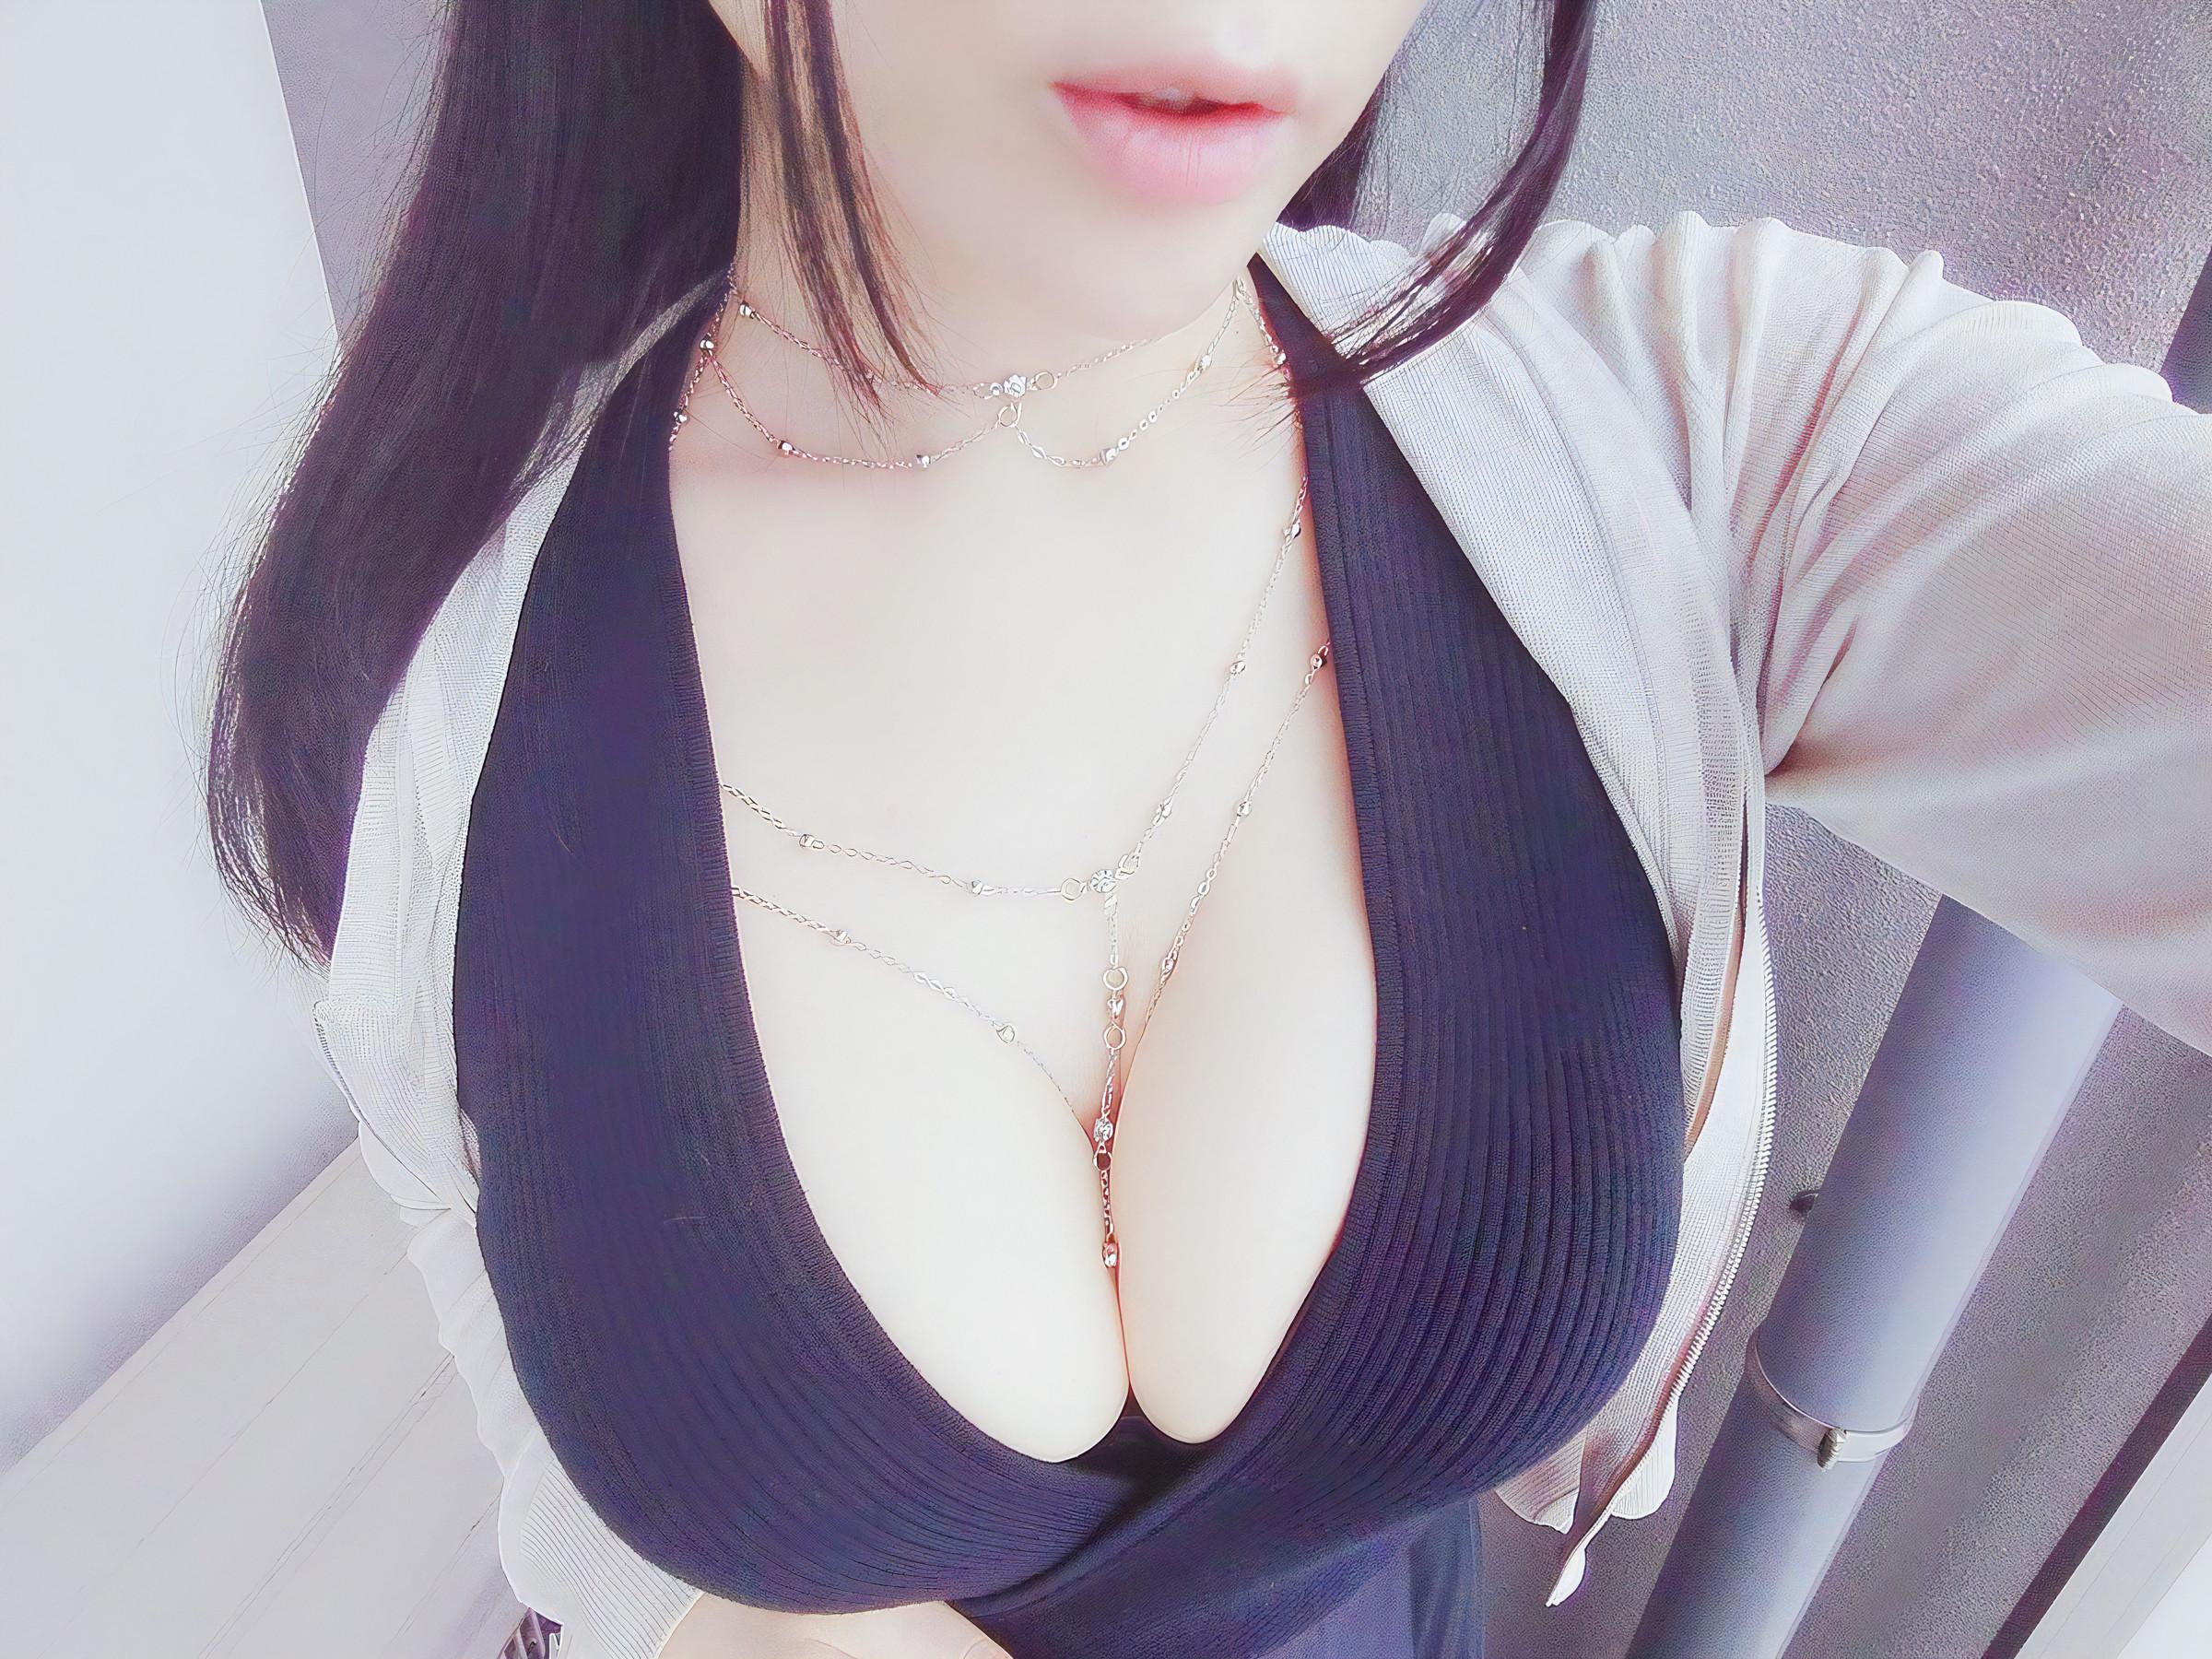 着衣巨乳胸の谷間